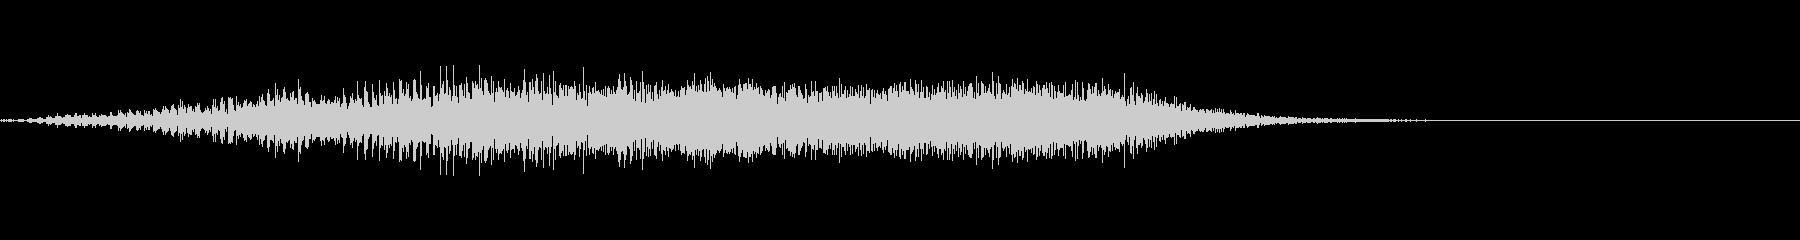 モォ〜♪牛の鳴き声の効果音03の未再生の波形